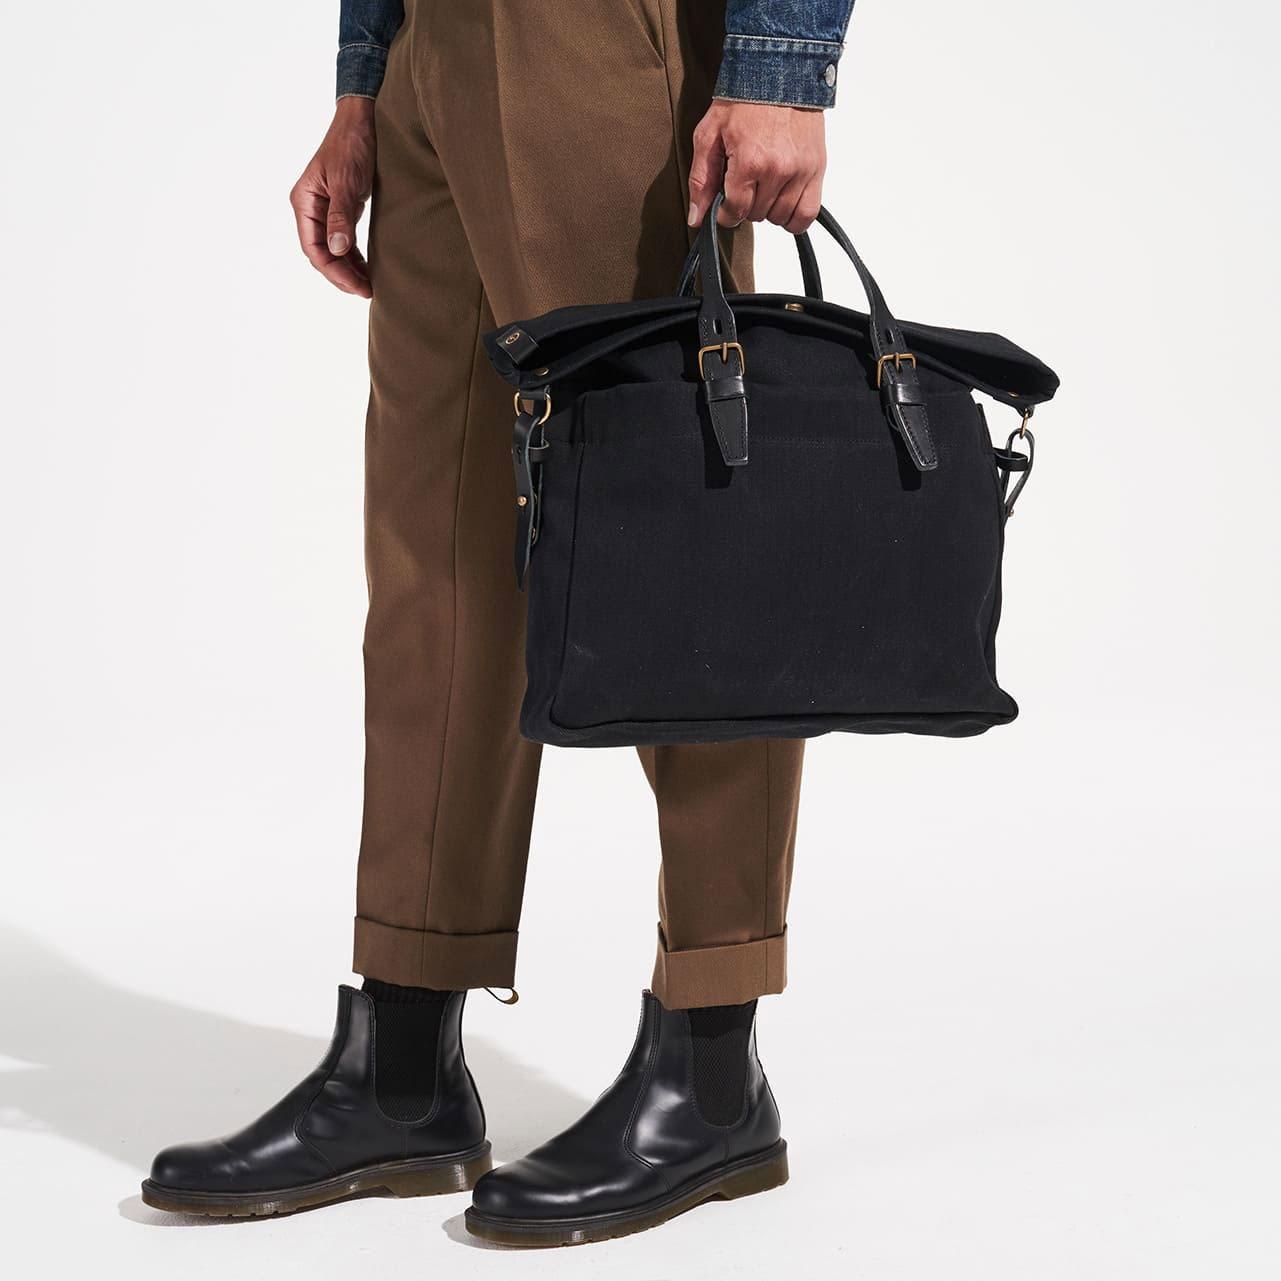 Remix business bag - Black (image n°6)